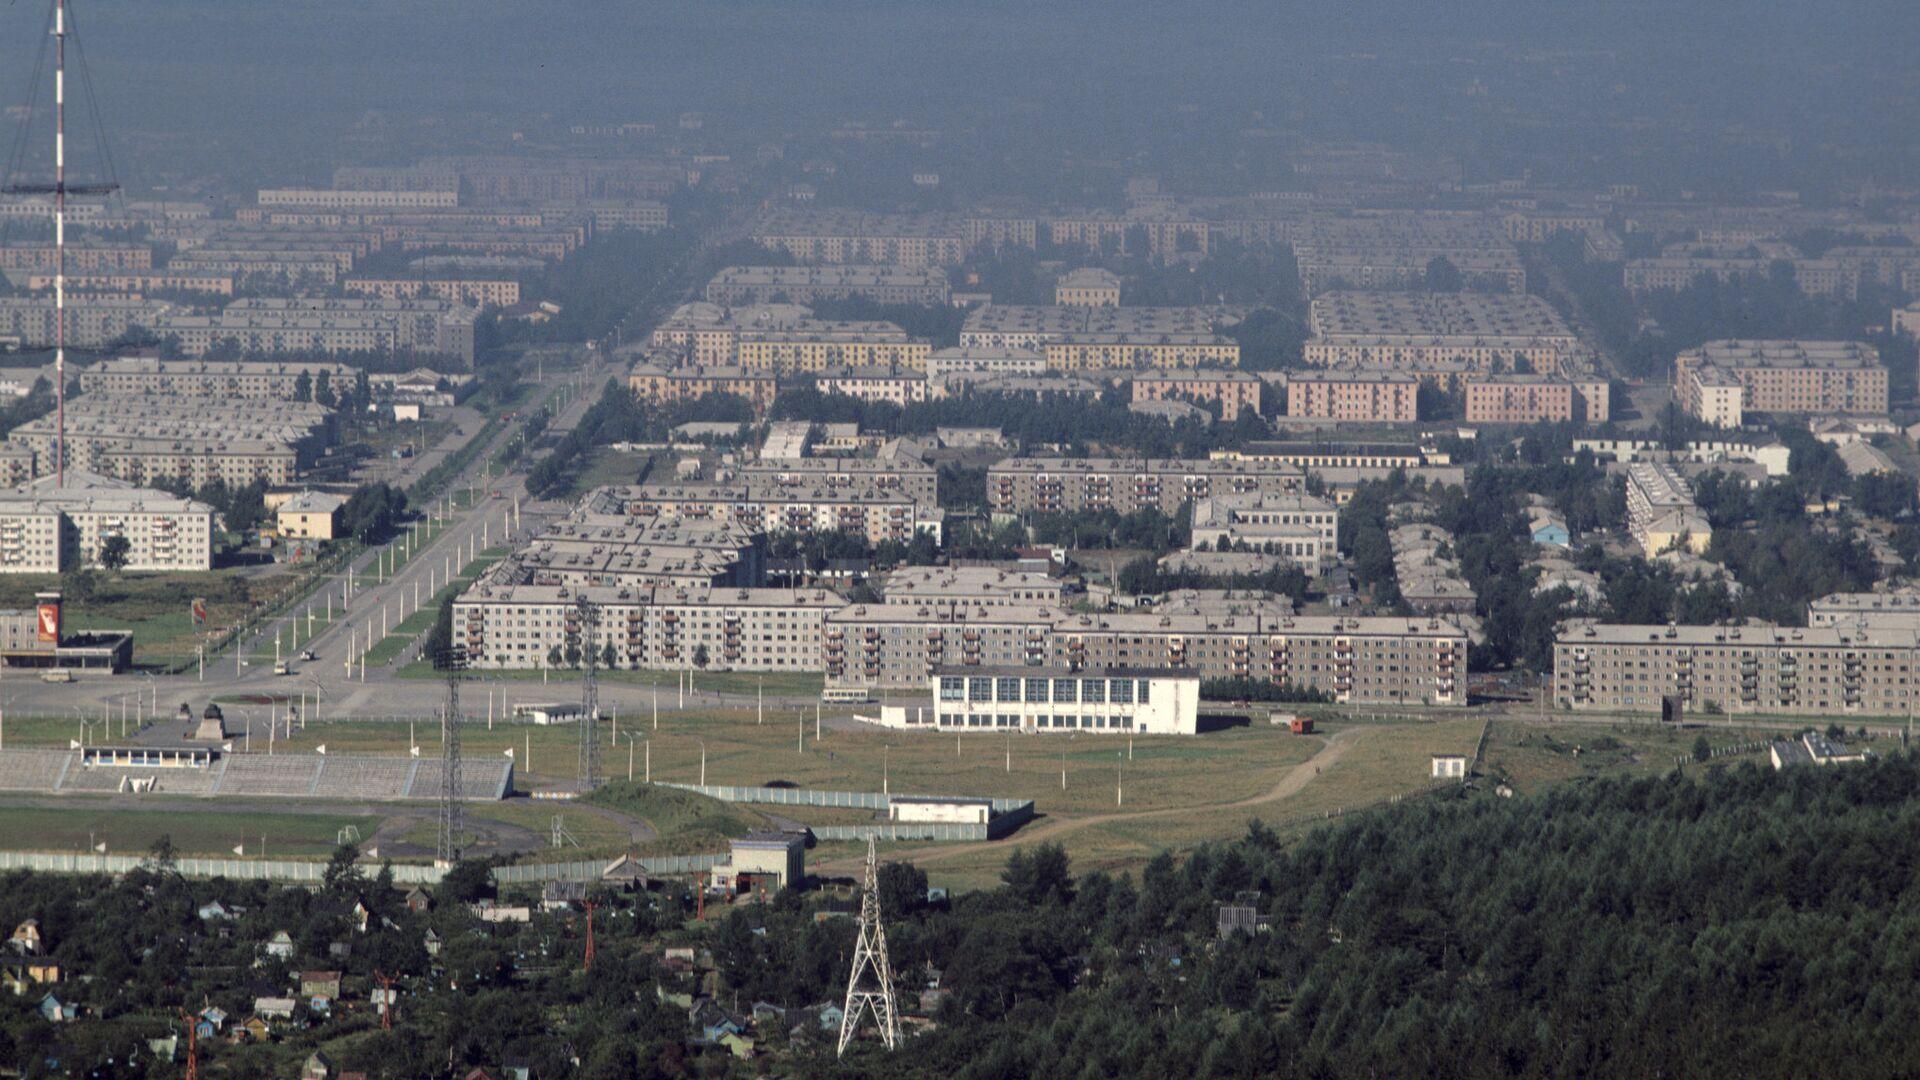 Вид на город Южно-Сахалинск - РИА Новости, 1920, 20.05.2021